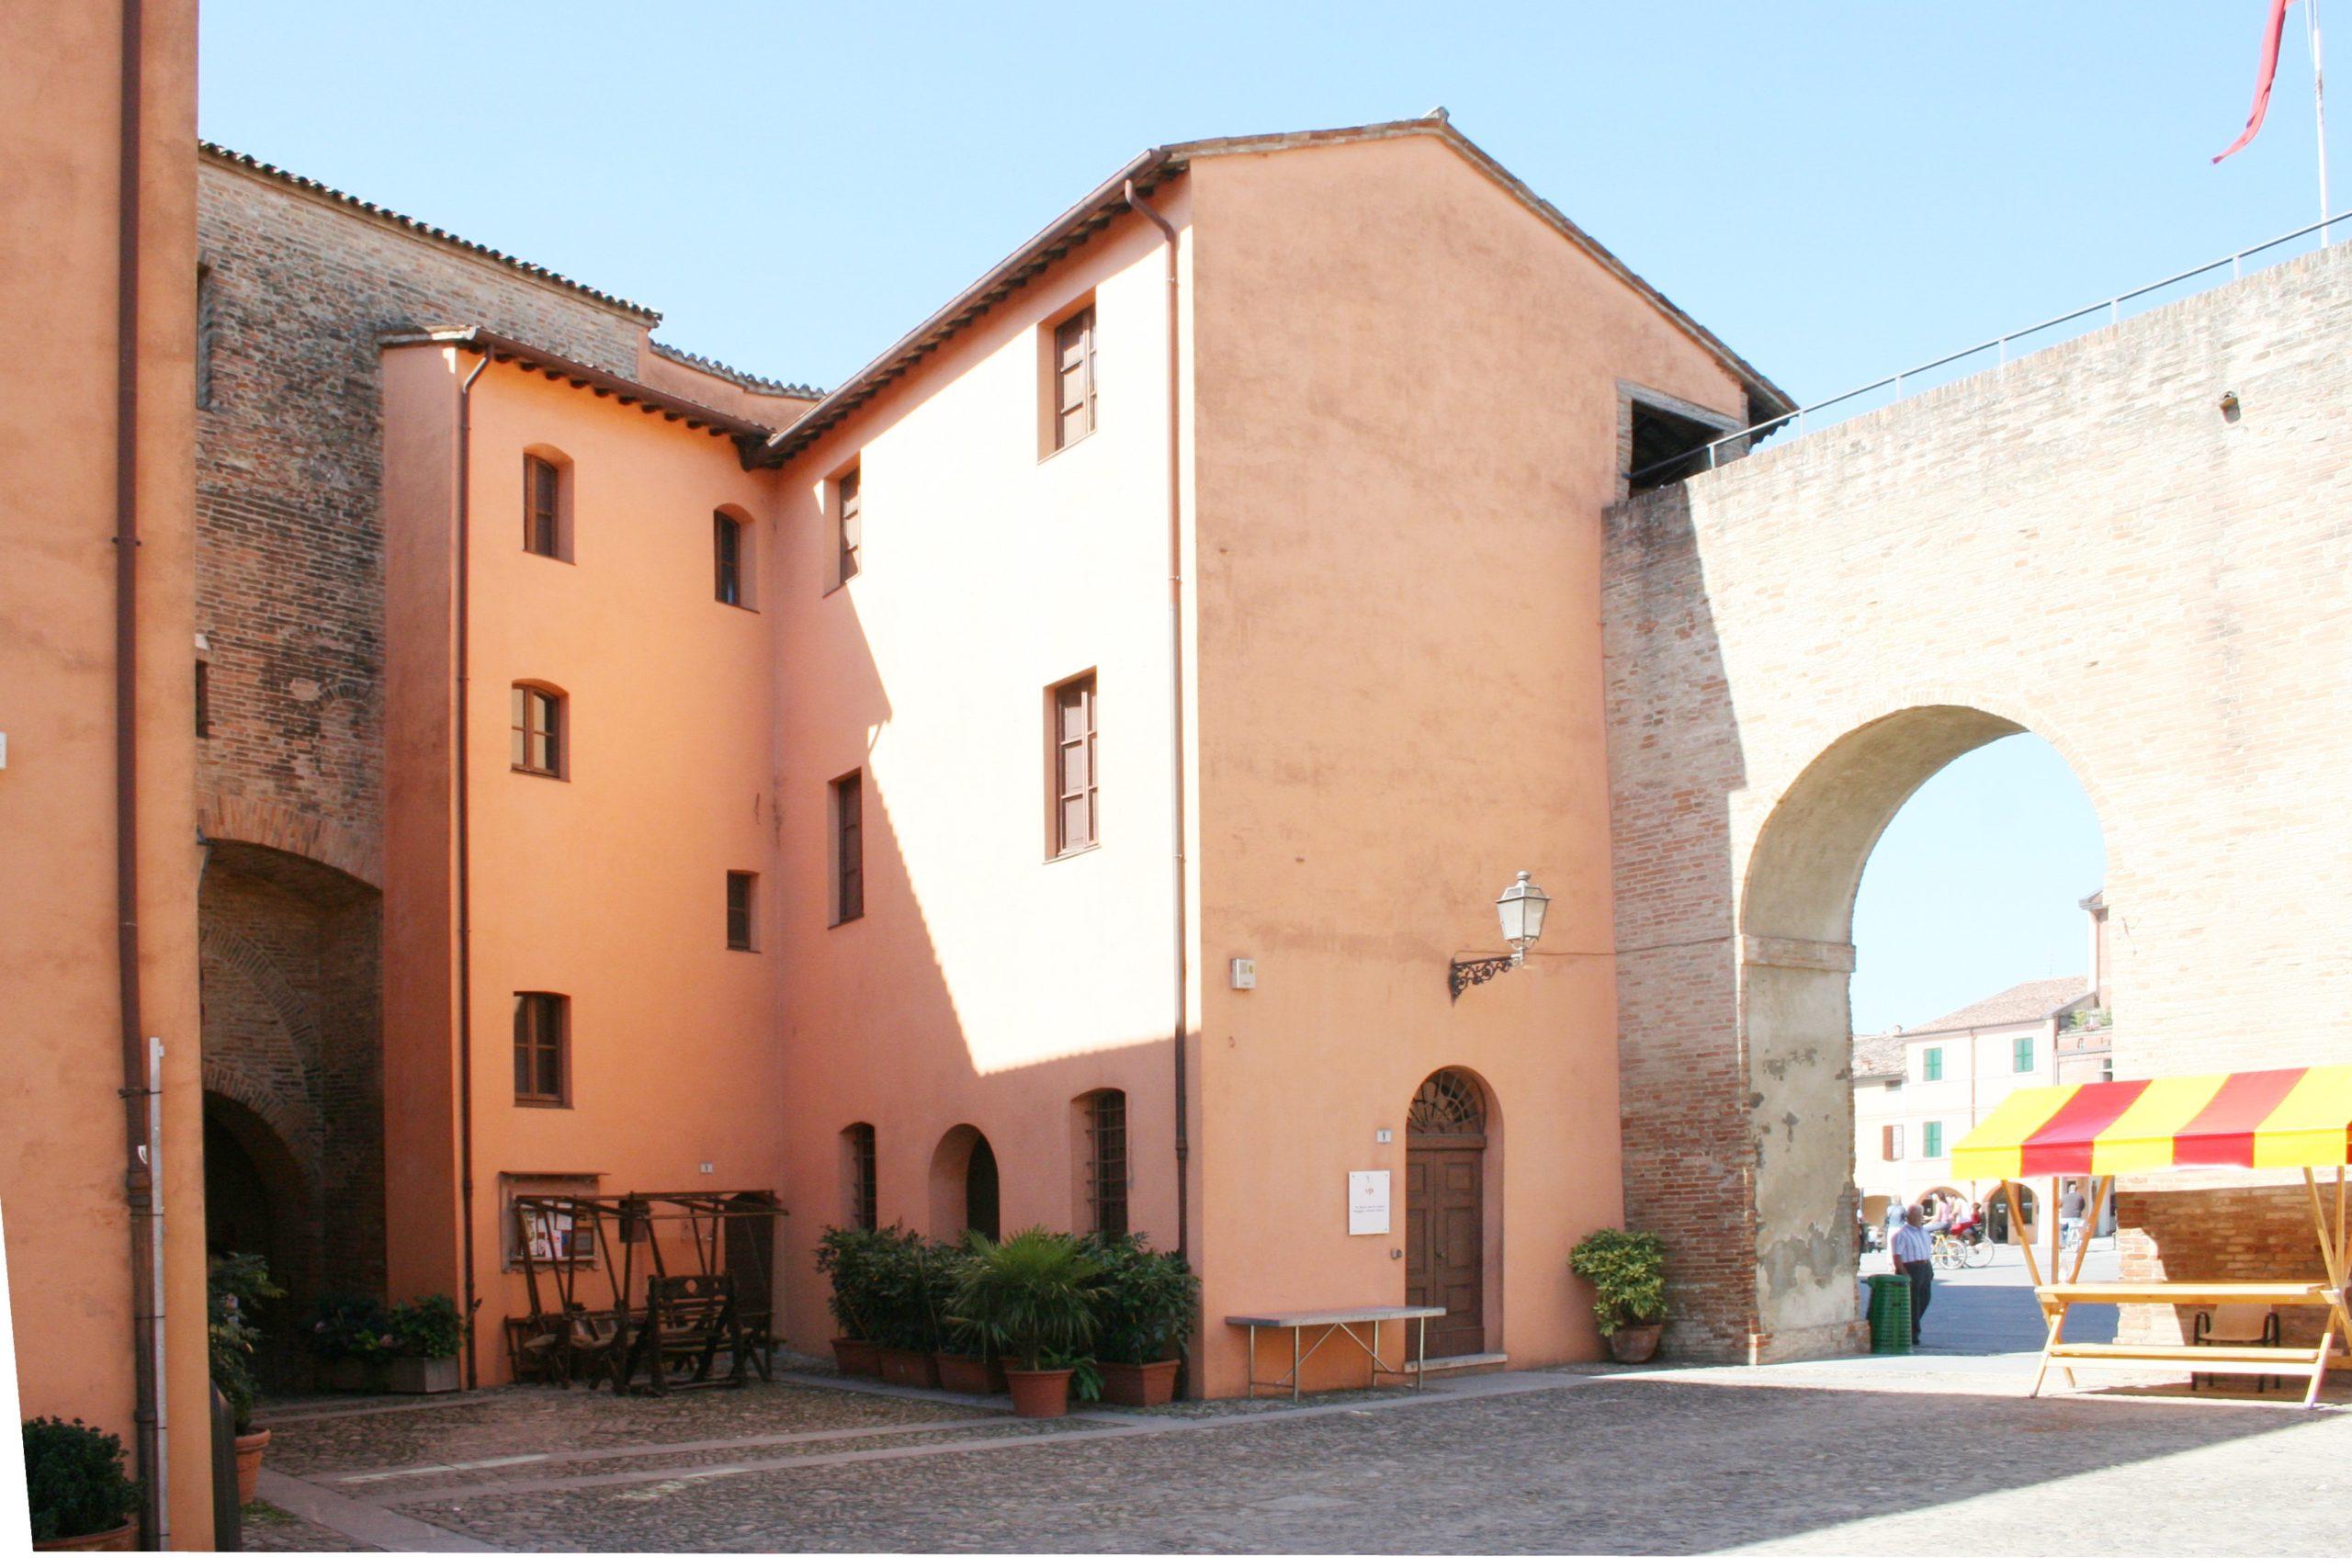 2122 Studio Bacchi Architetti Forlimpopoli